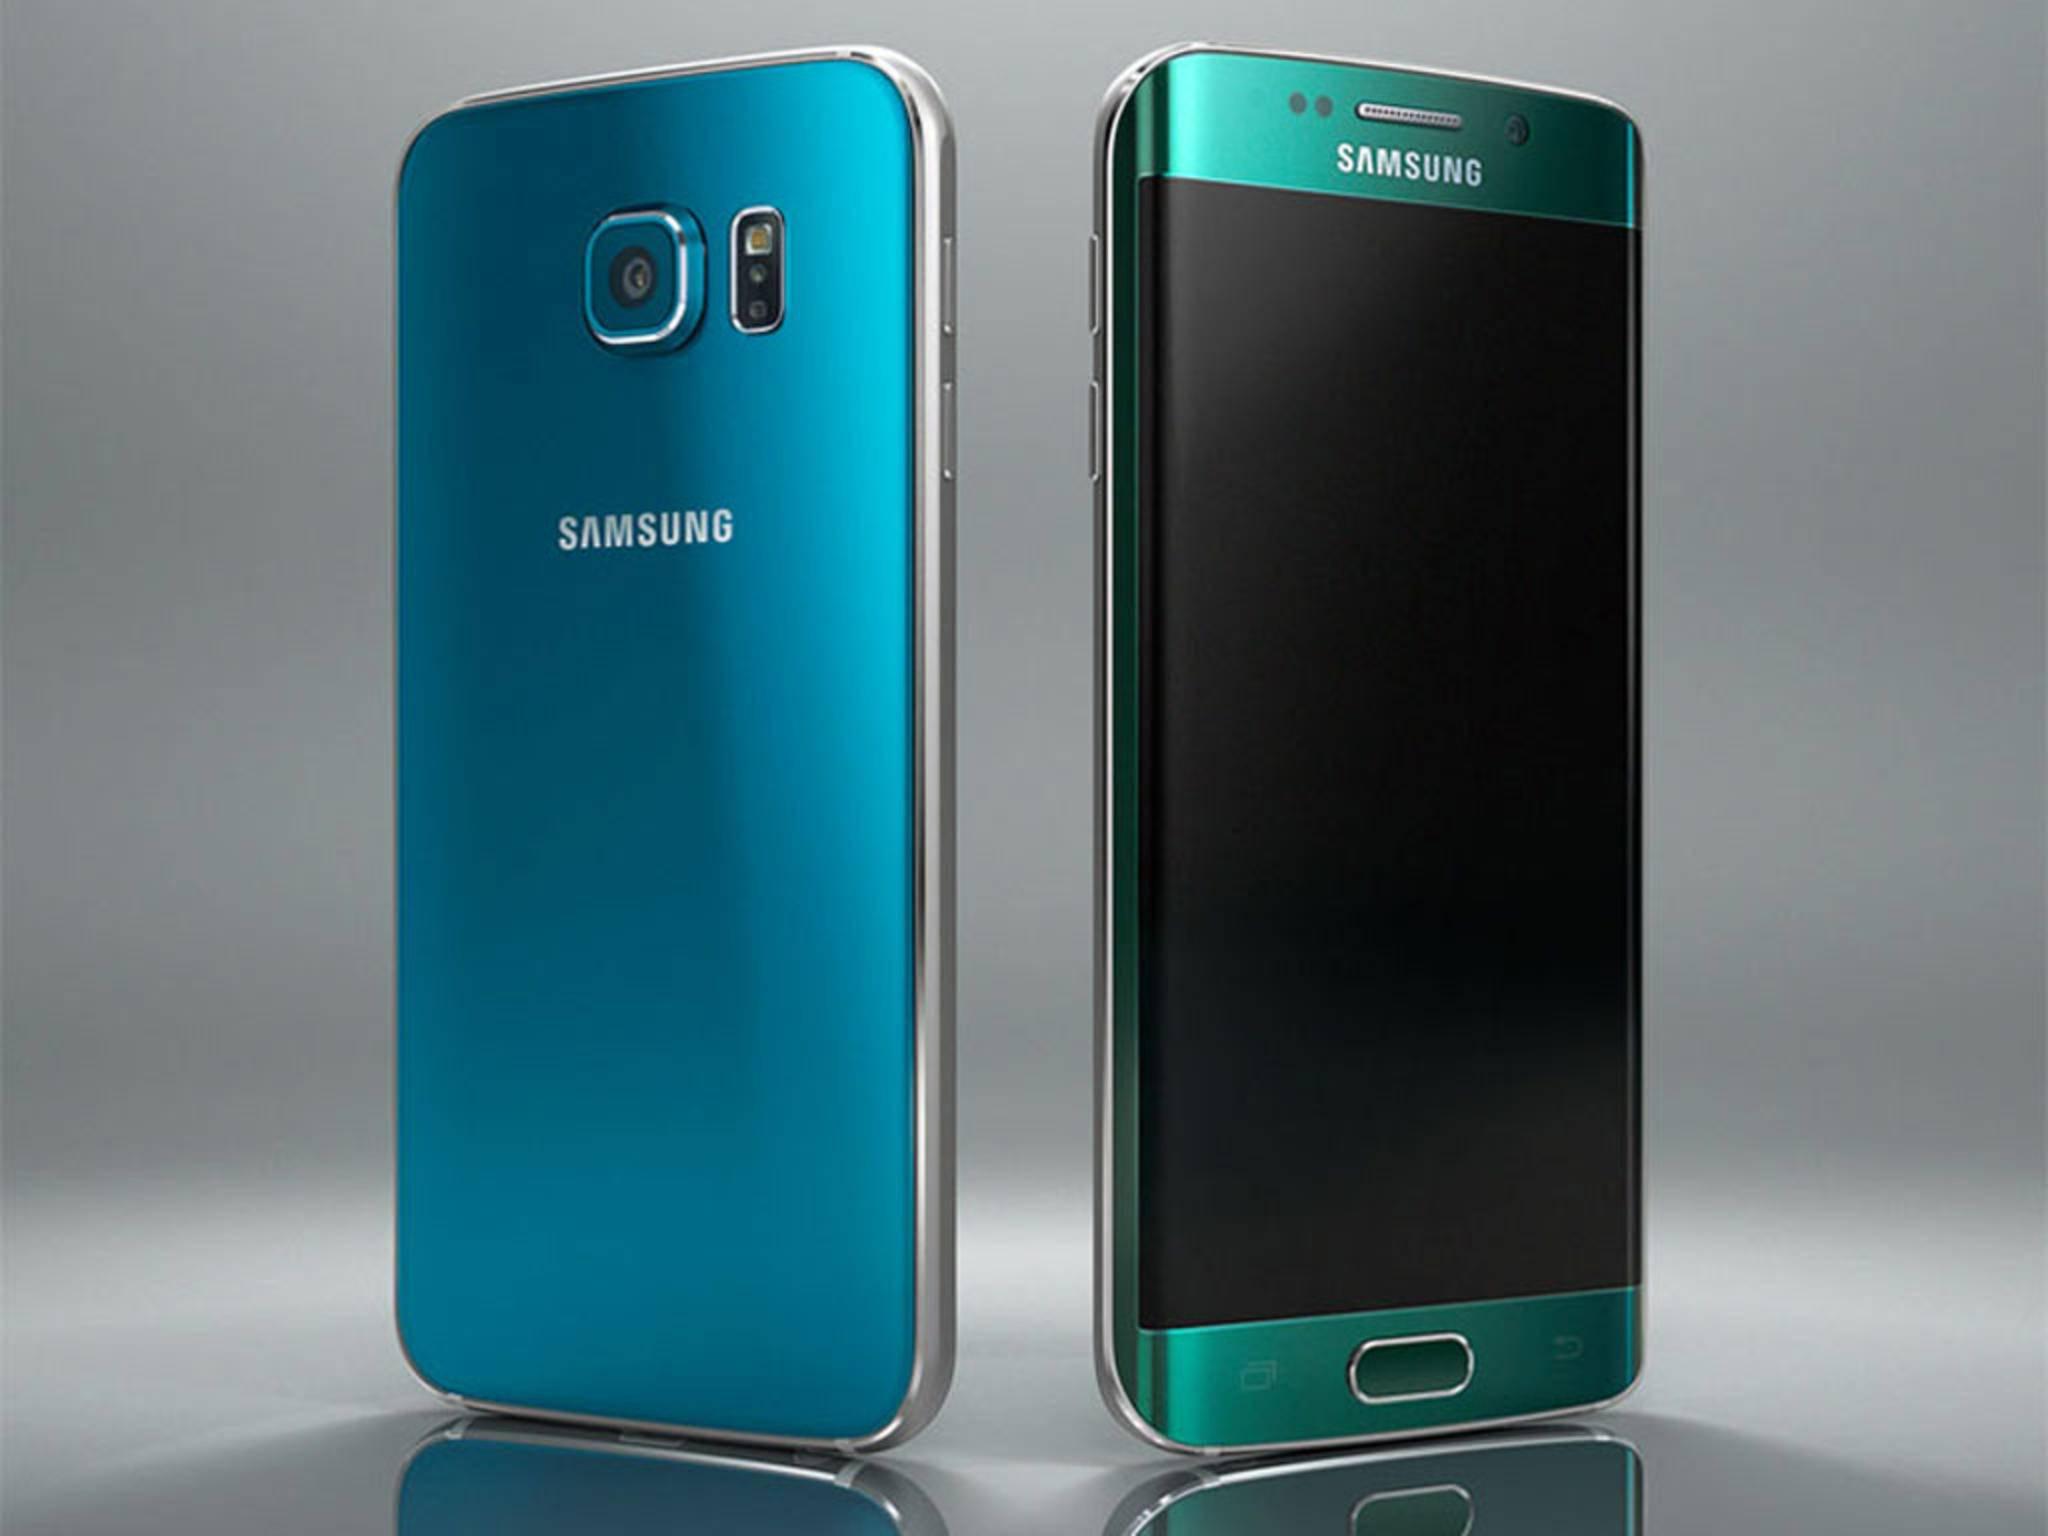 Die neuen farbigen Varianten des Galaxy S6 von Samsung.